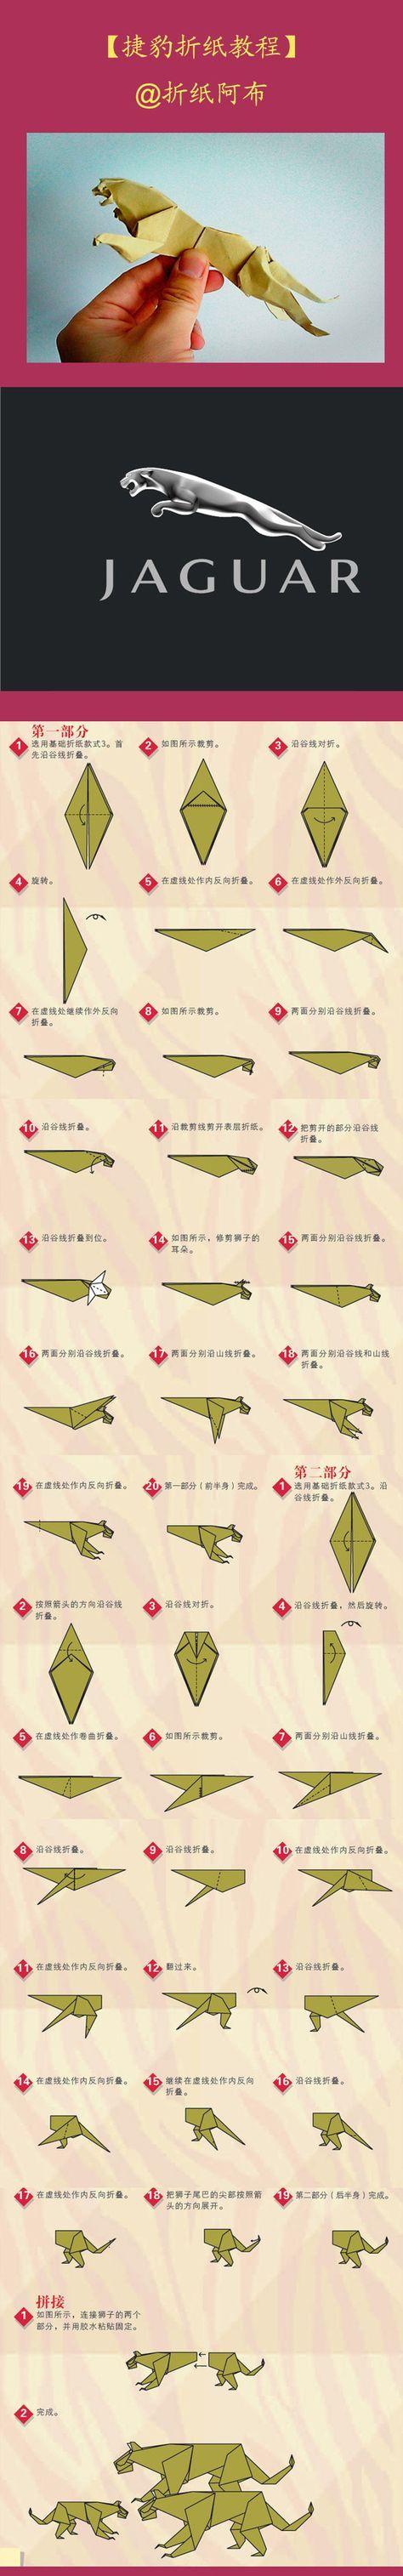 24 Best Origami Images On Pinterest Tutorial Paper Crafts Video Diagram Quotswan Quyetquot Jaguar D